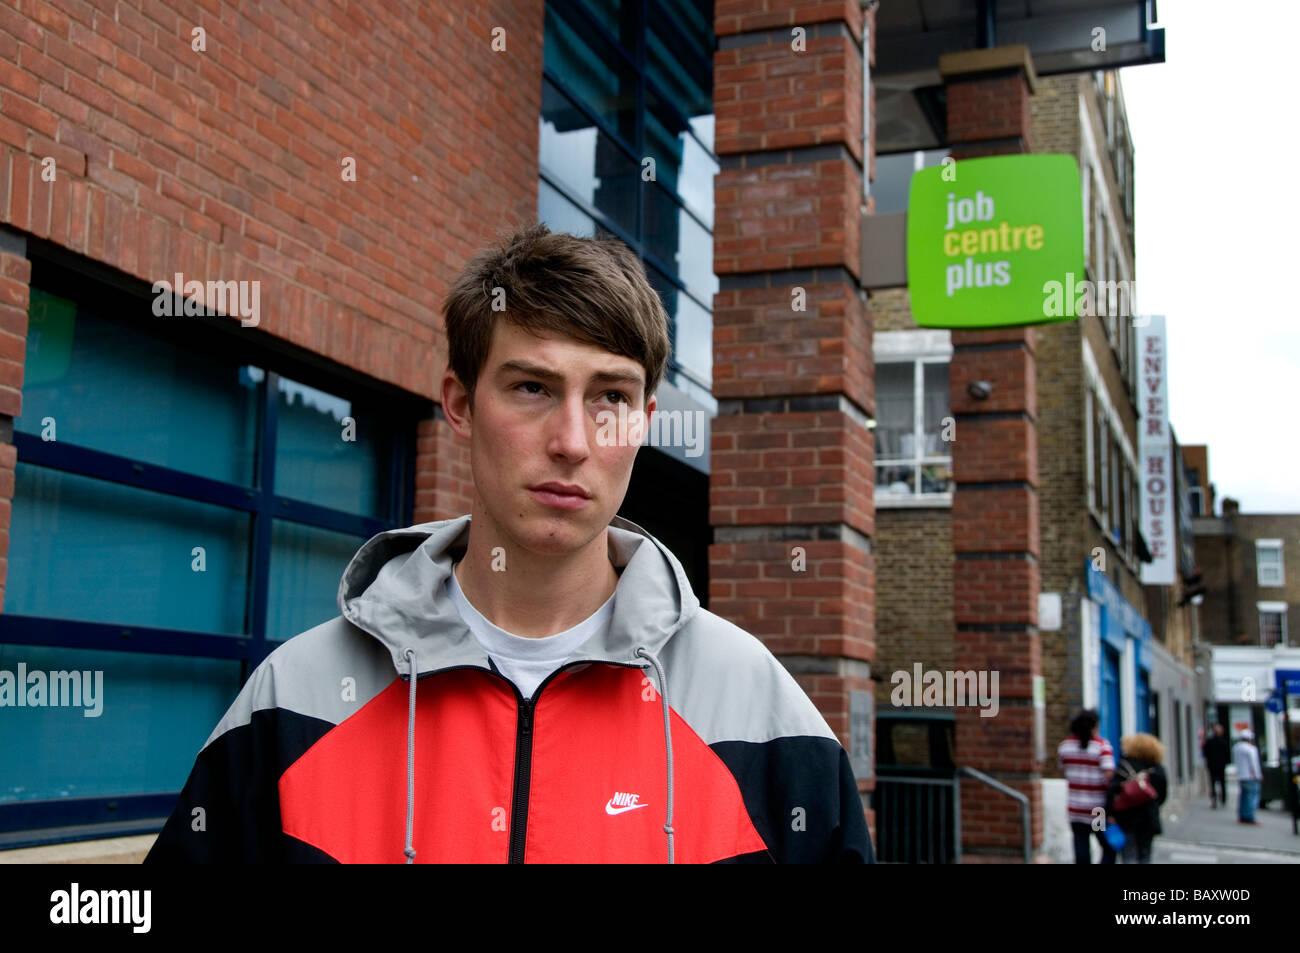 Jeune homme de 20 ans à travailler à l'extérieur de job centre plus Photo Stock